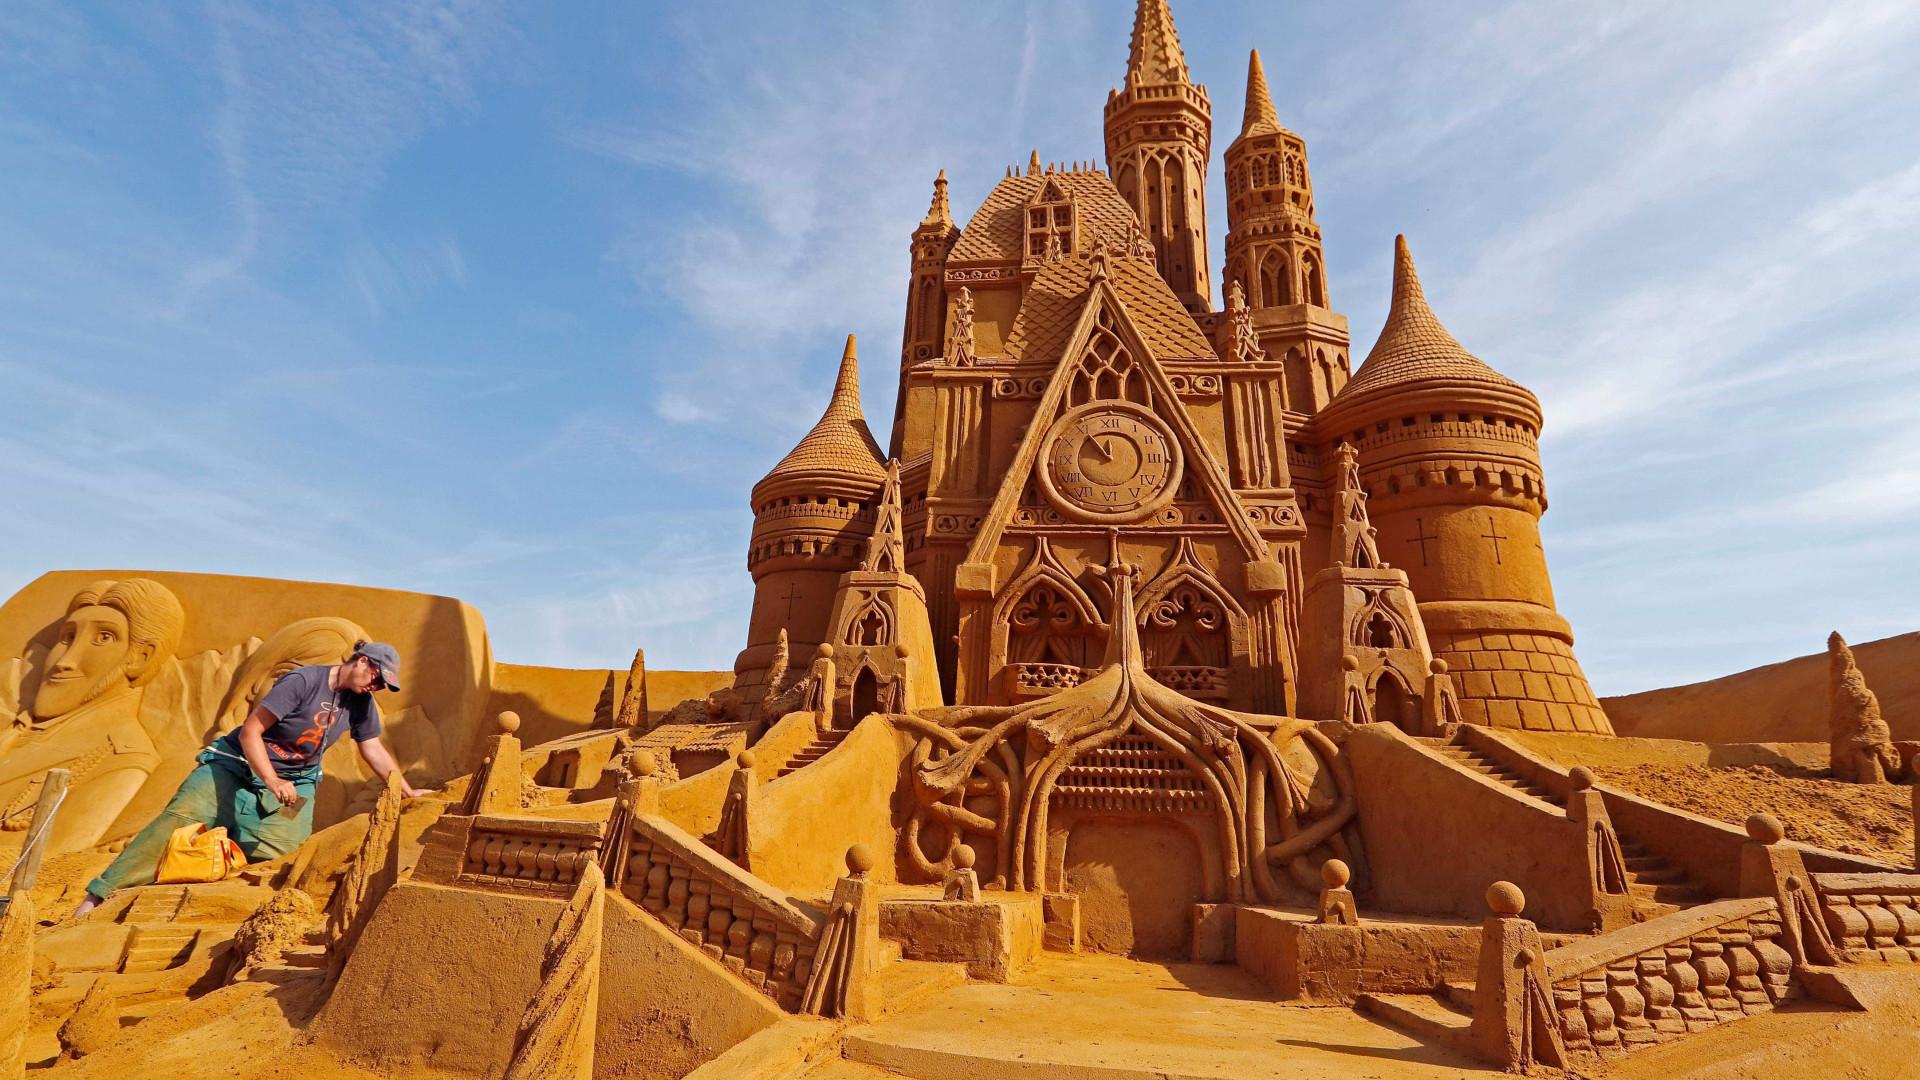 Castelos de areia são para meninos. Este festival é para profissionais